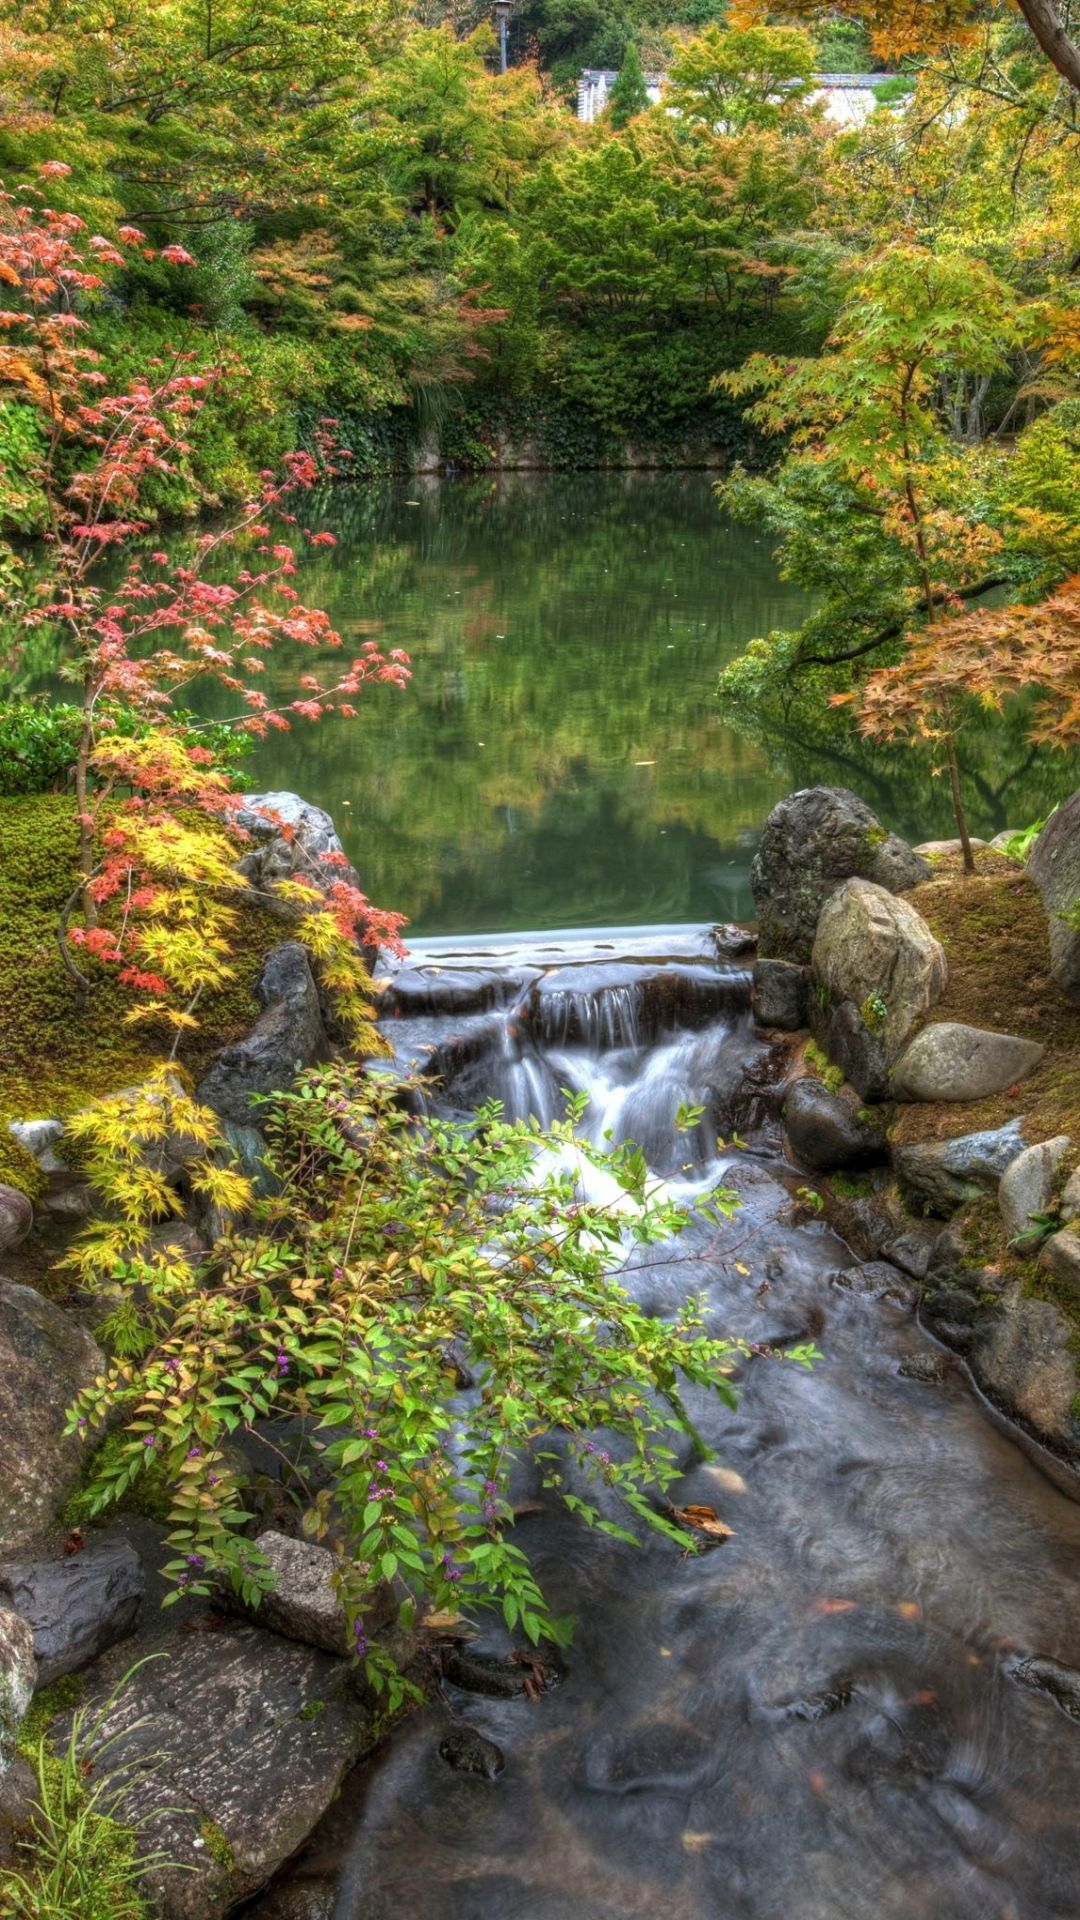 Zen Garden iPhone Wallpapers - Top Free ...